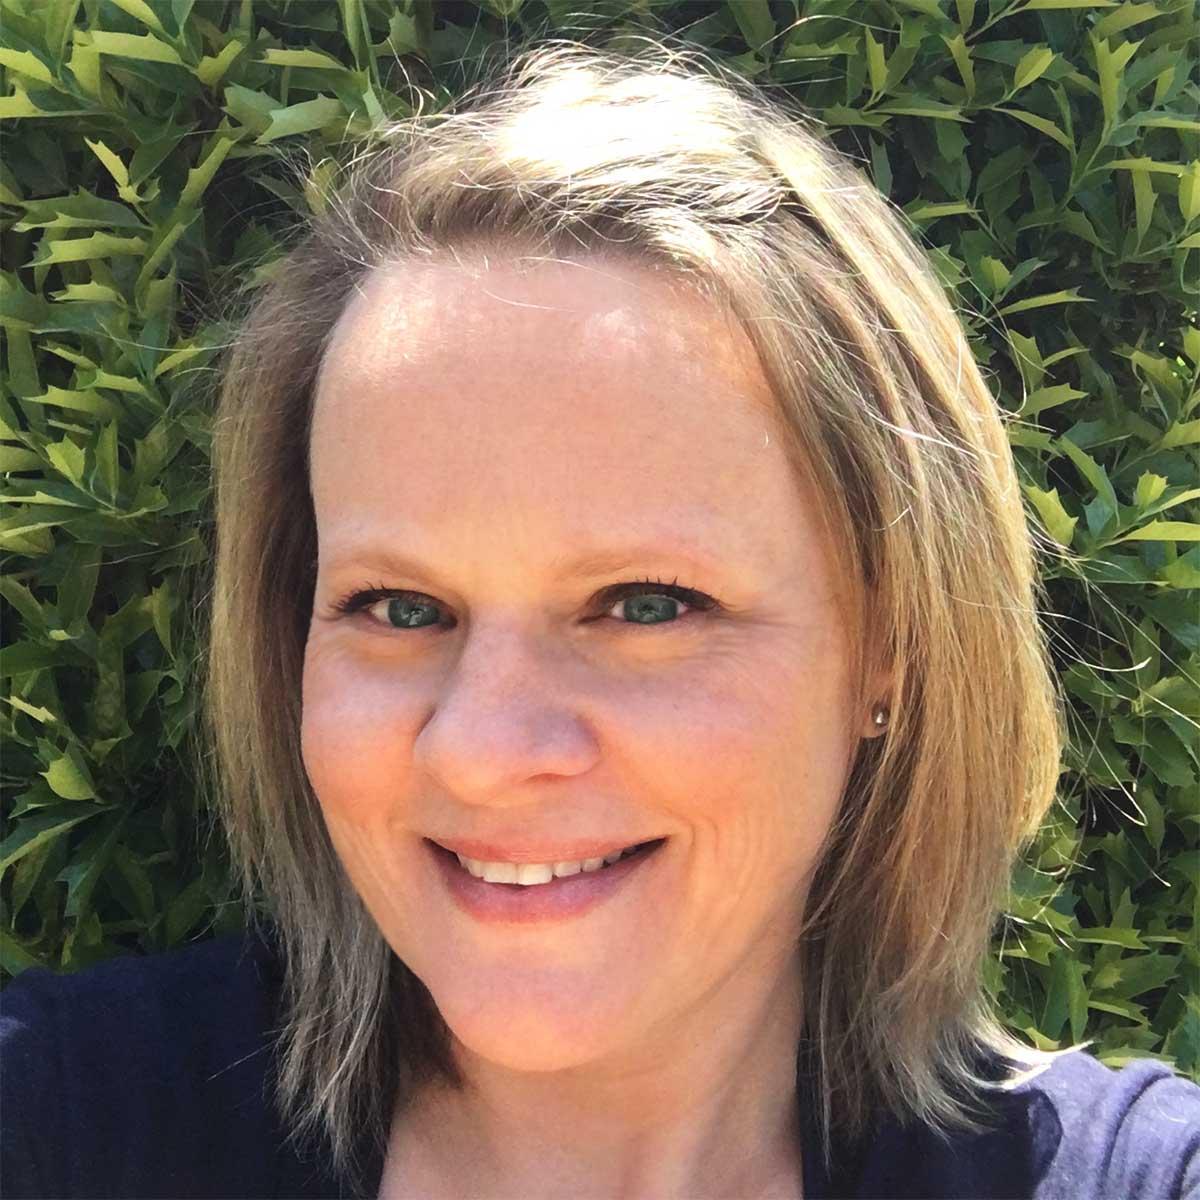 Nicole Cochran career coach